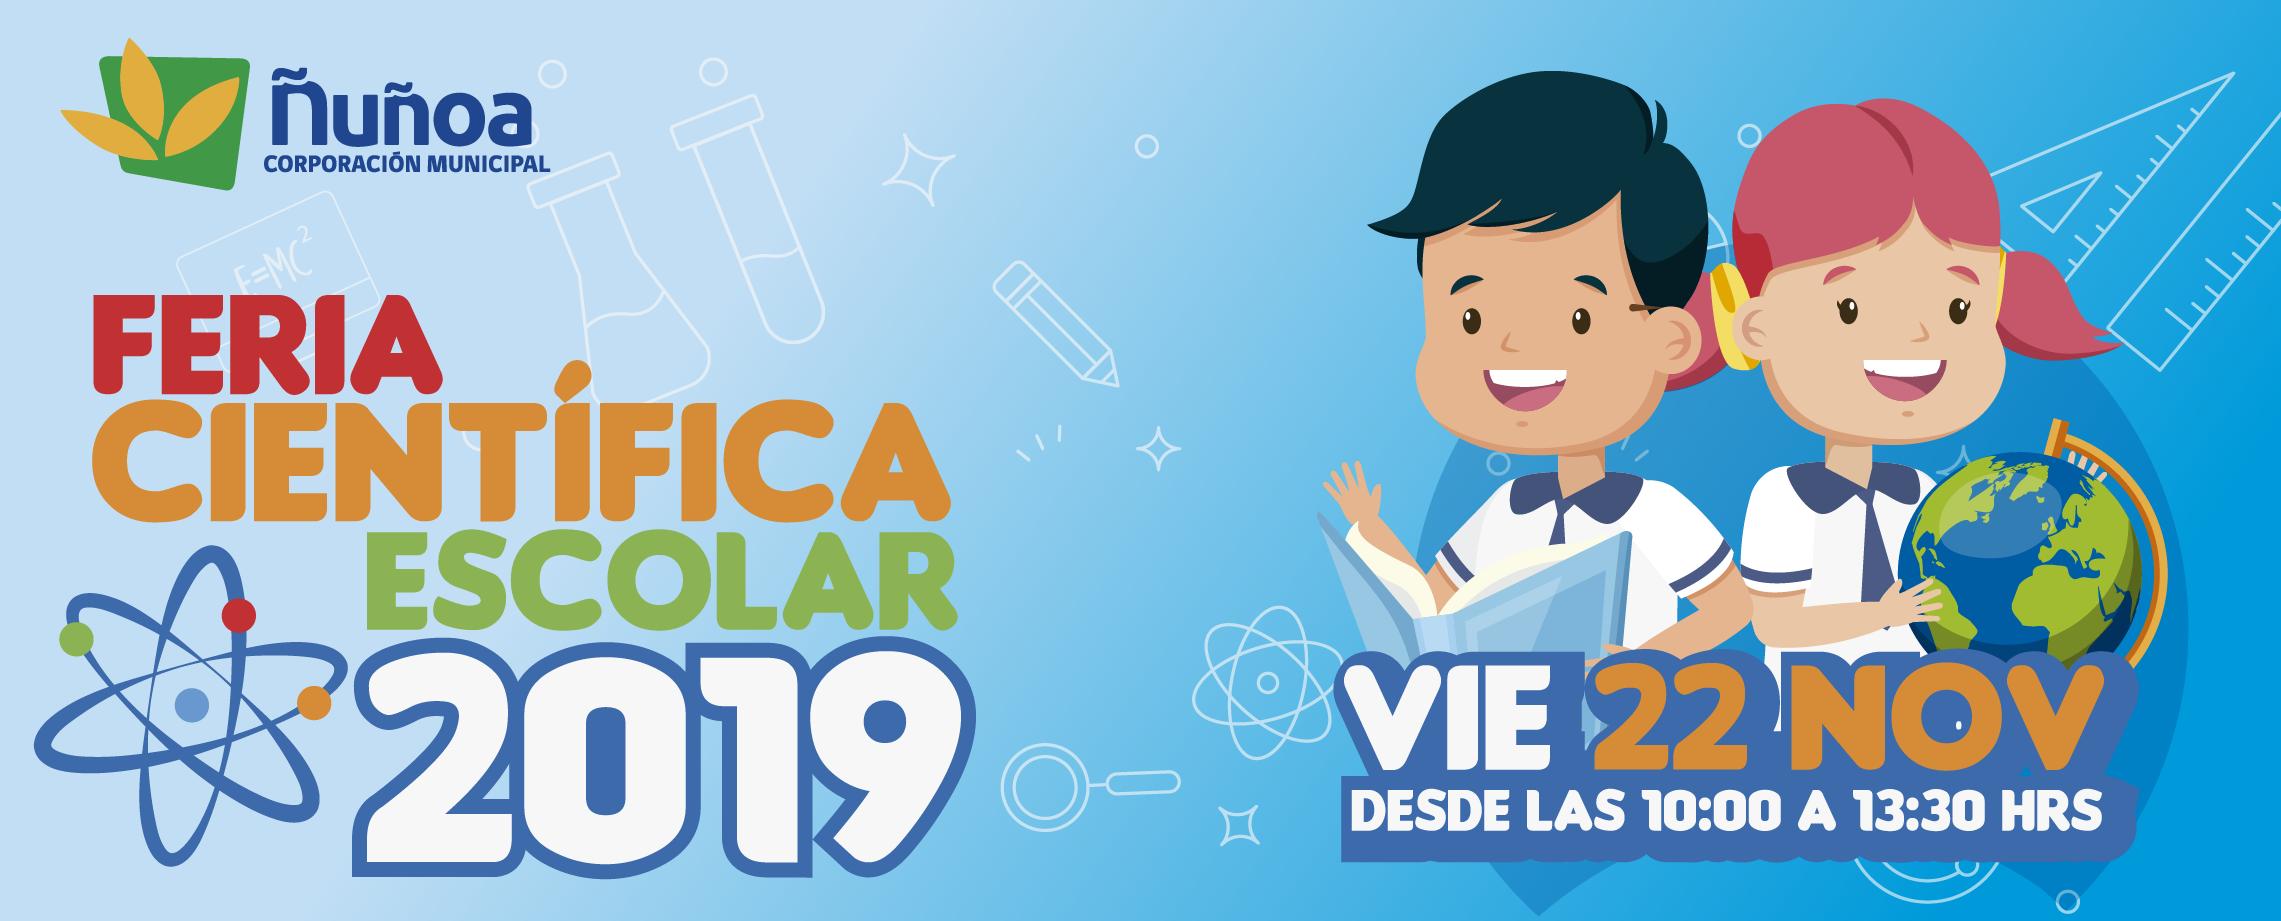 Feria Cientifica 20190